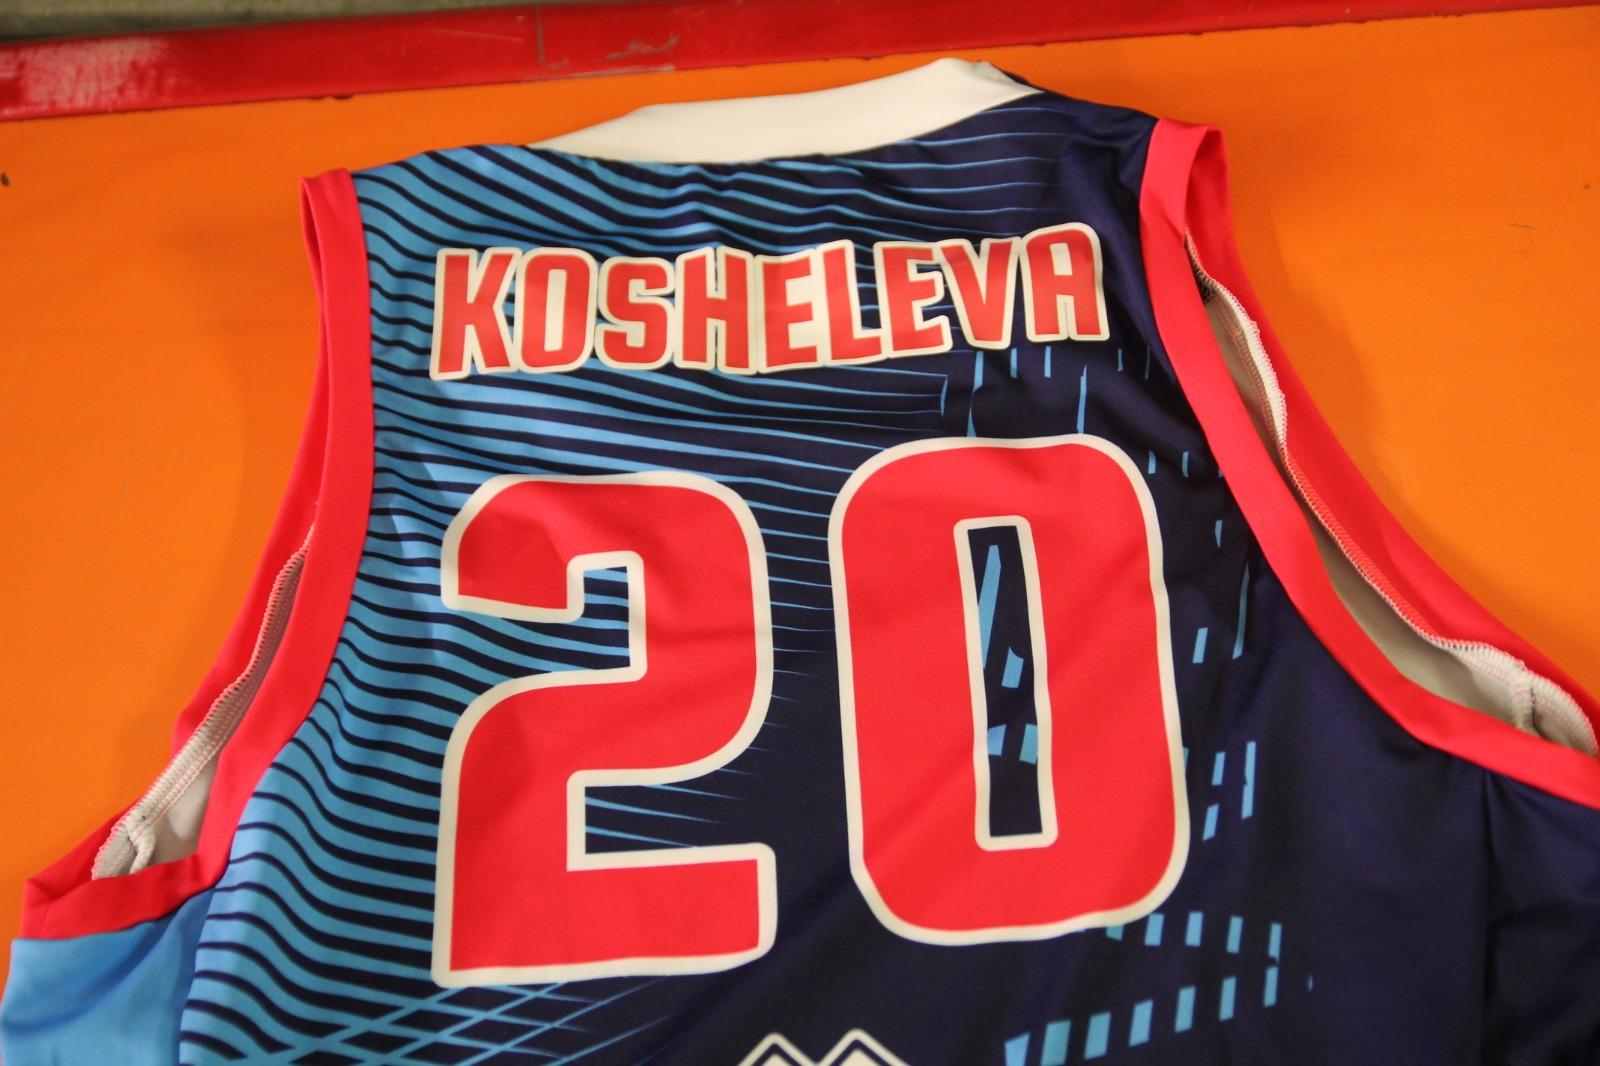 Kosheleva sarà la numero 20!